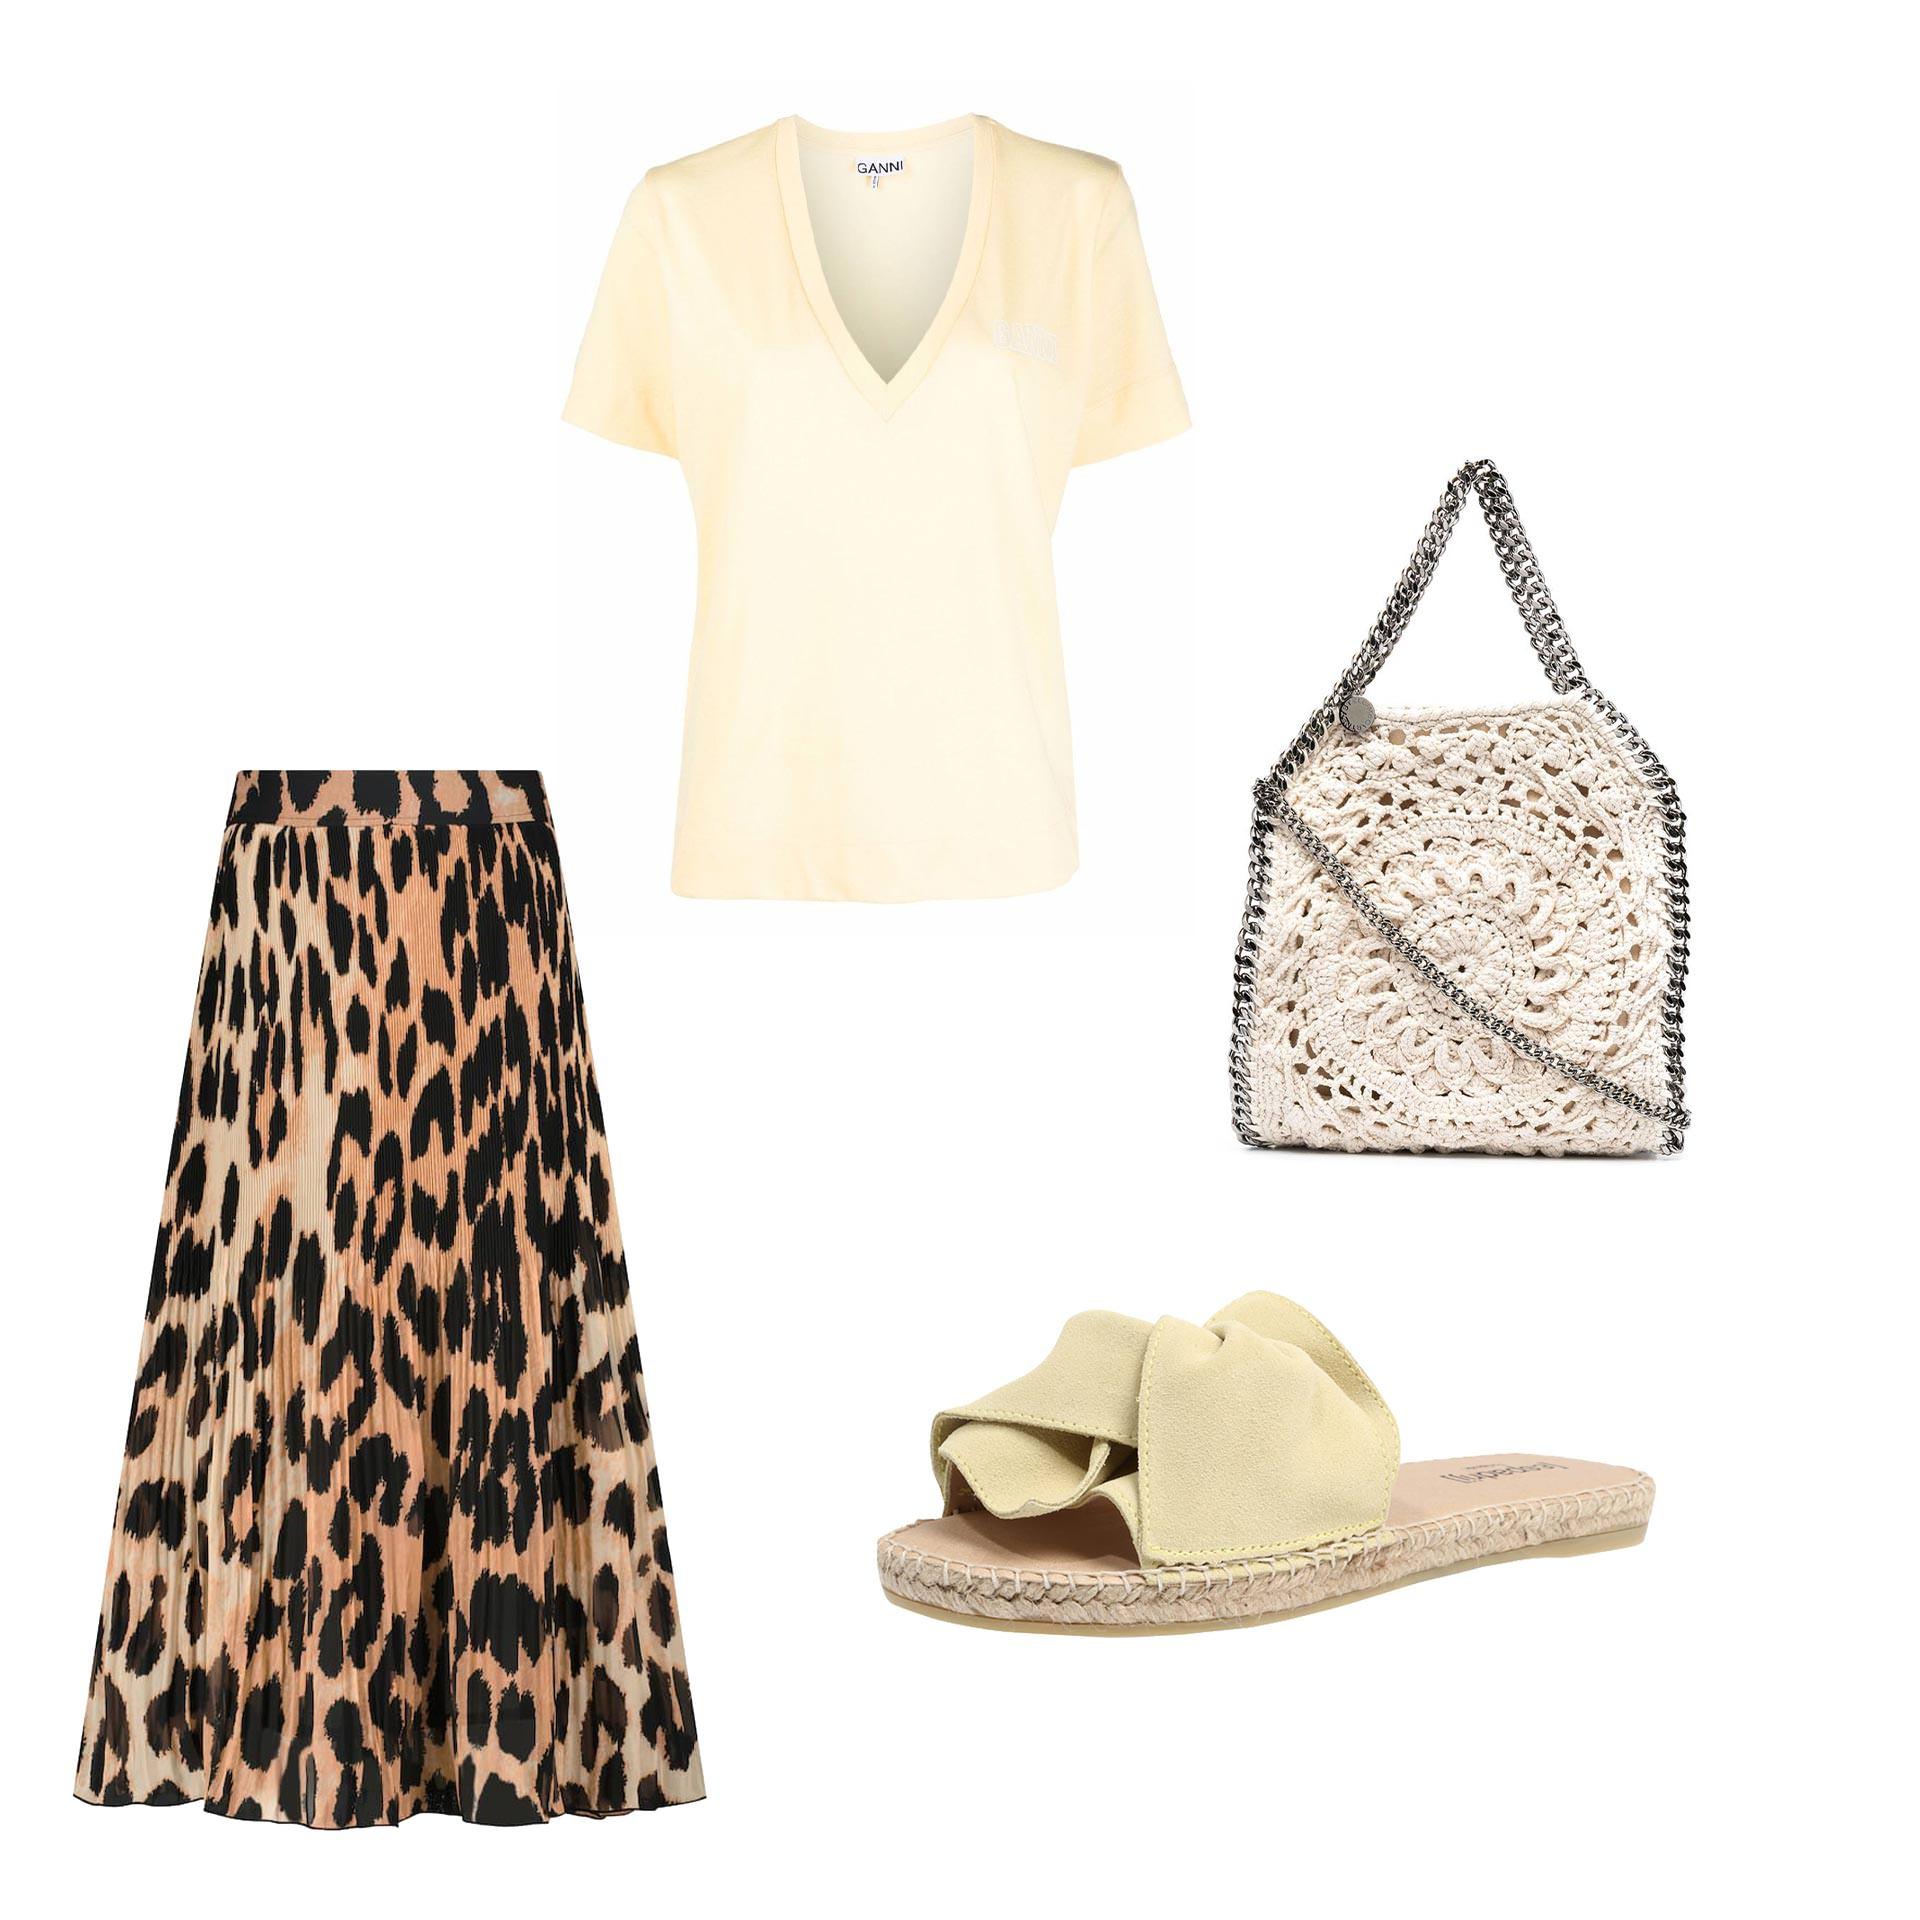 5 schöne und bequeme sowie nachhaltige Sommer Outfits habe ich dir am Modeblog zusammengestellt. Welches gefällt dir am besten und würdest du tragen? www.whoismocca.com